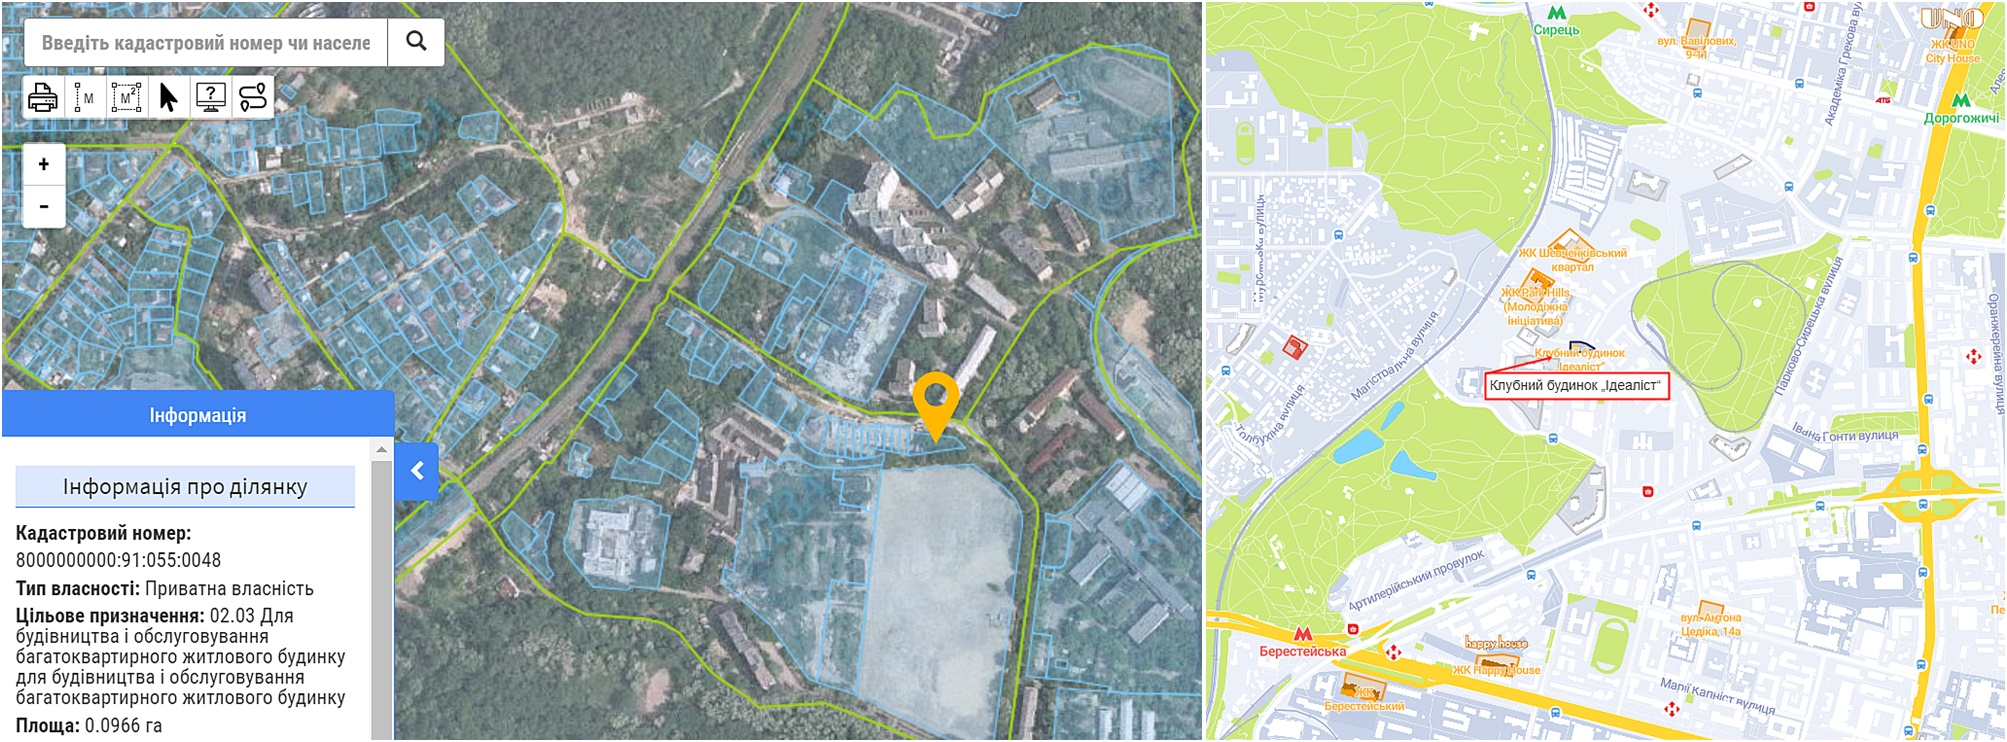 Клубный дом Идеалист данные кадастра и на карте